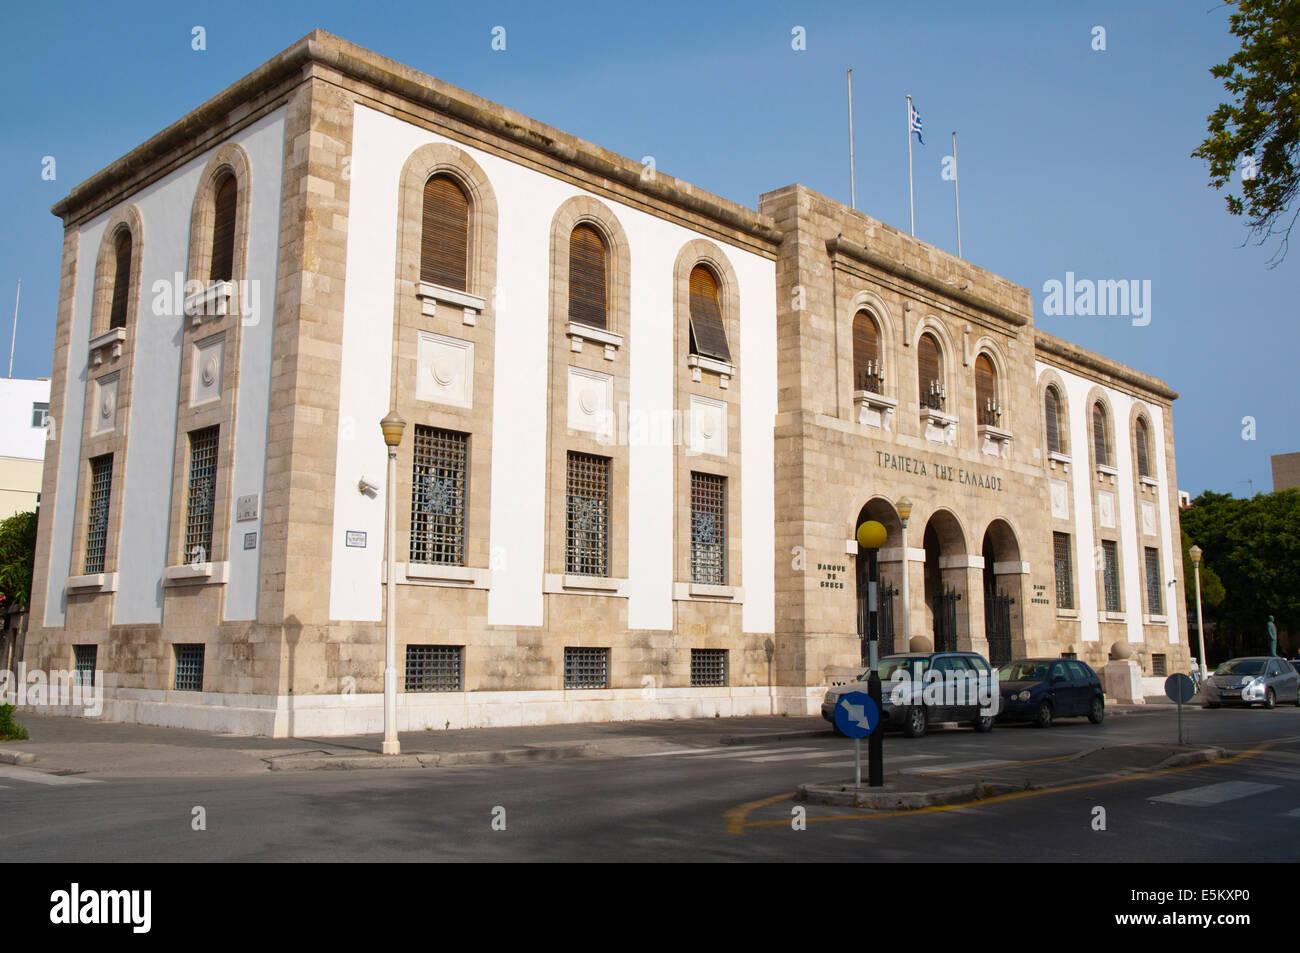 Banca di Grecia, era fascista architettura, Neohori, new town, RODI, RODI, DODECANNESO isole, Grecia, Europa Immagini Stock